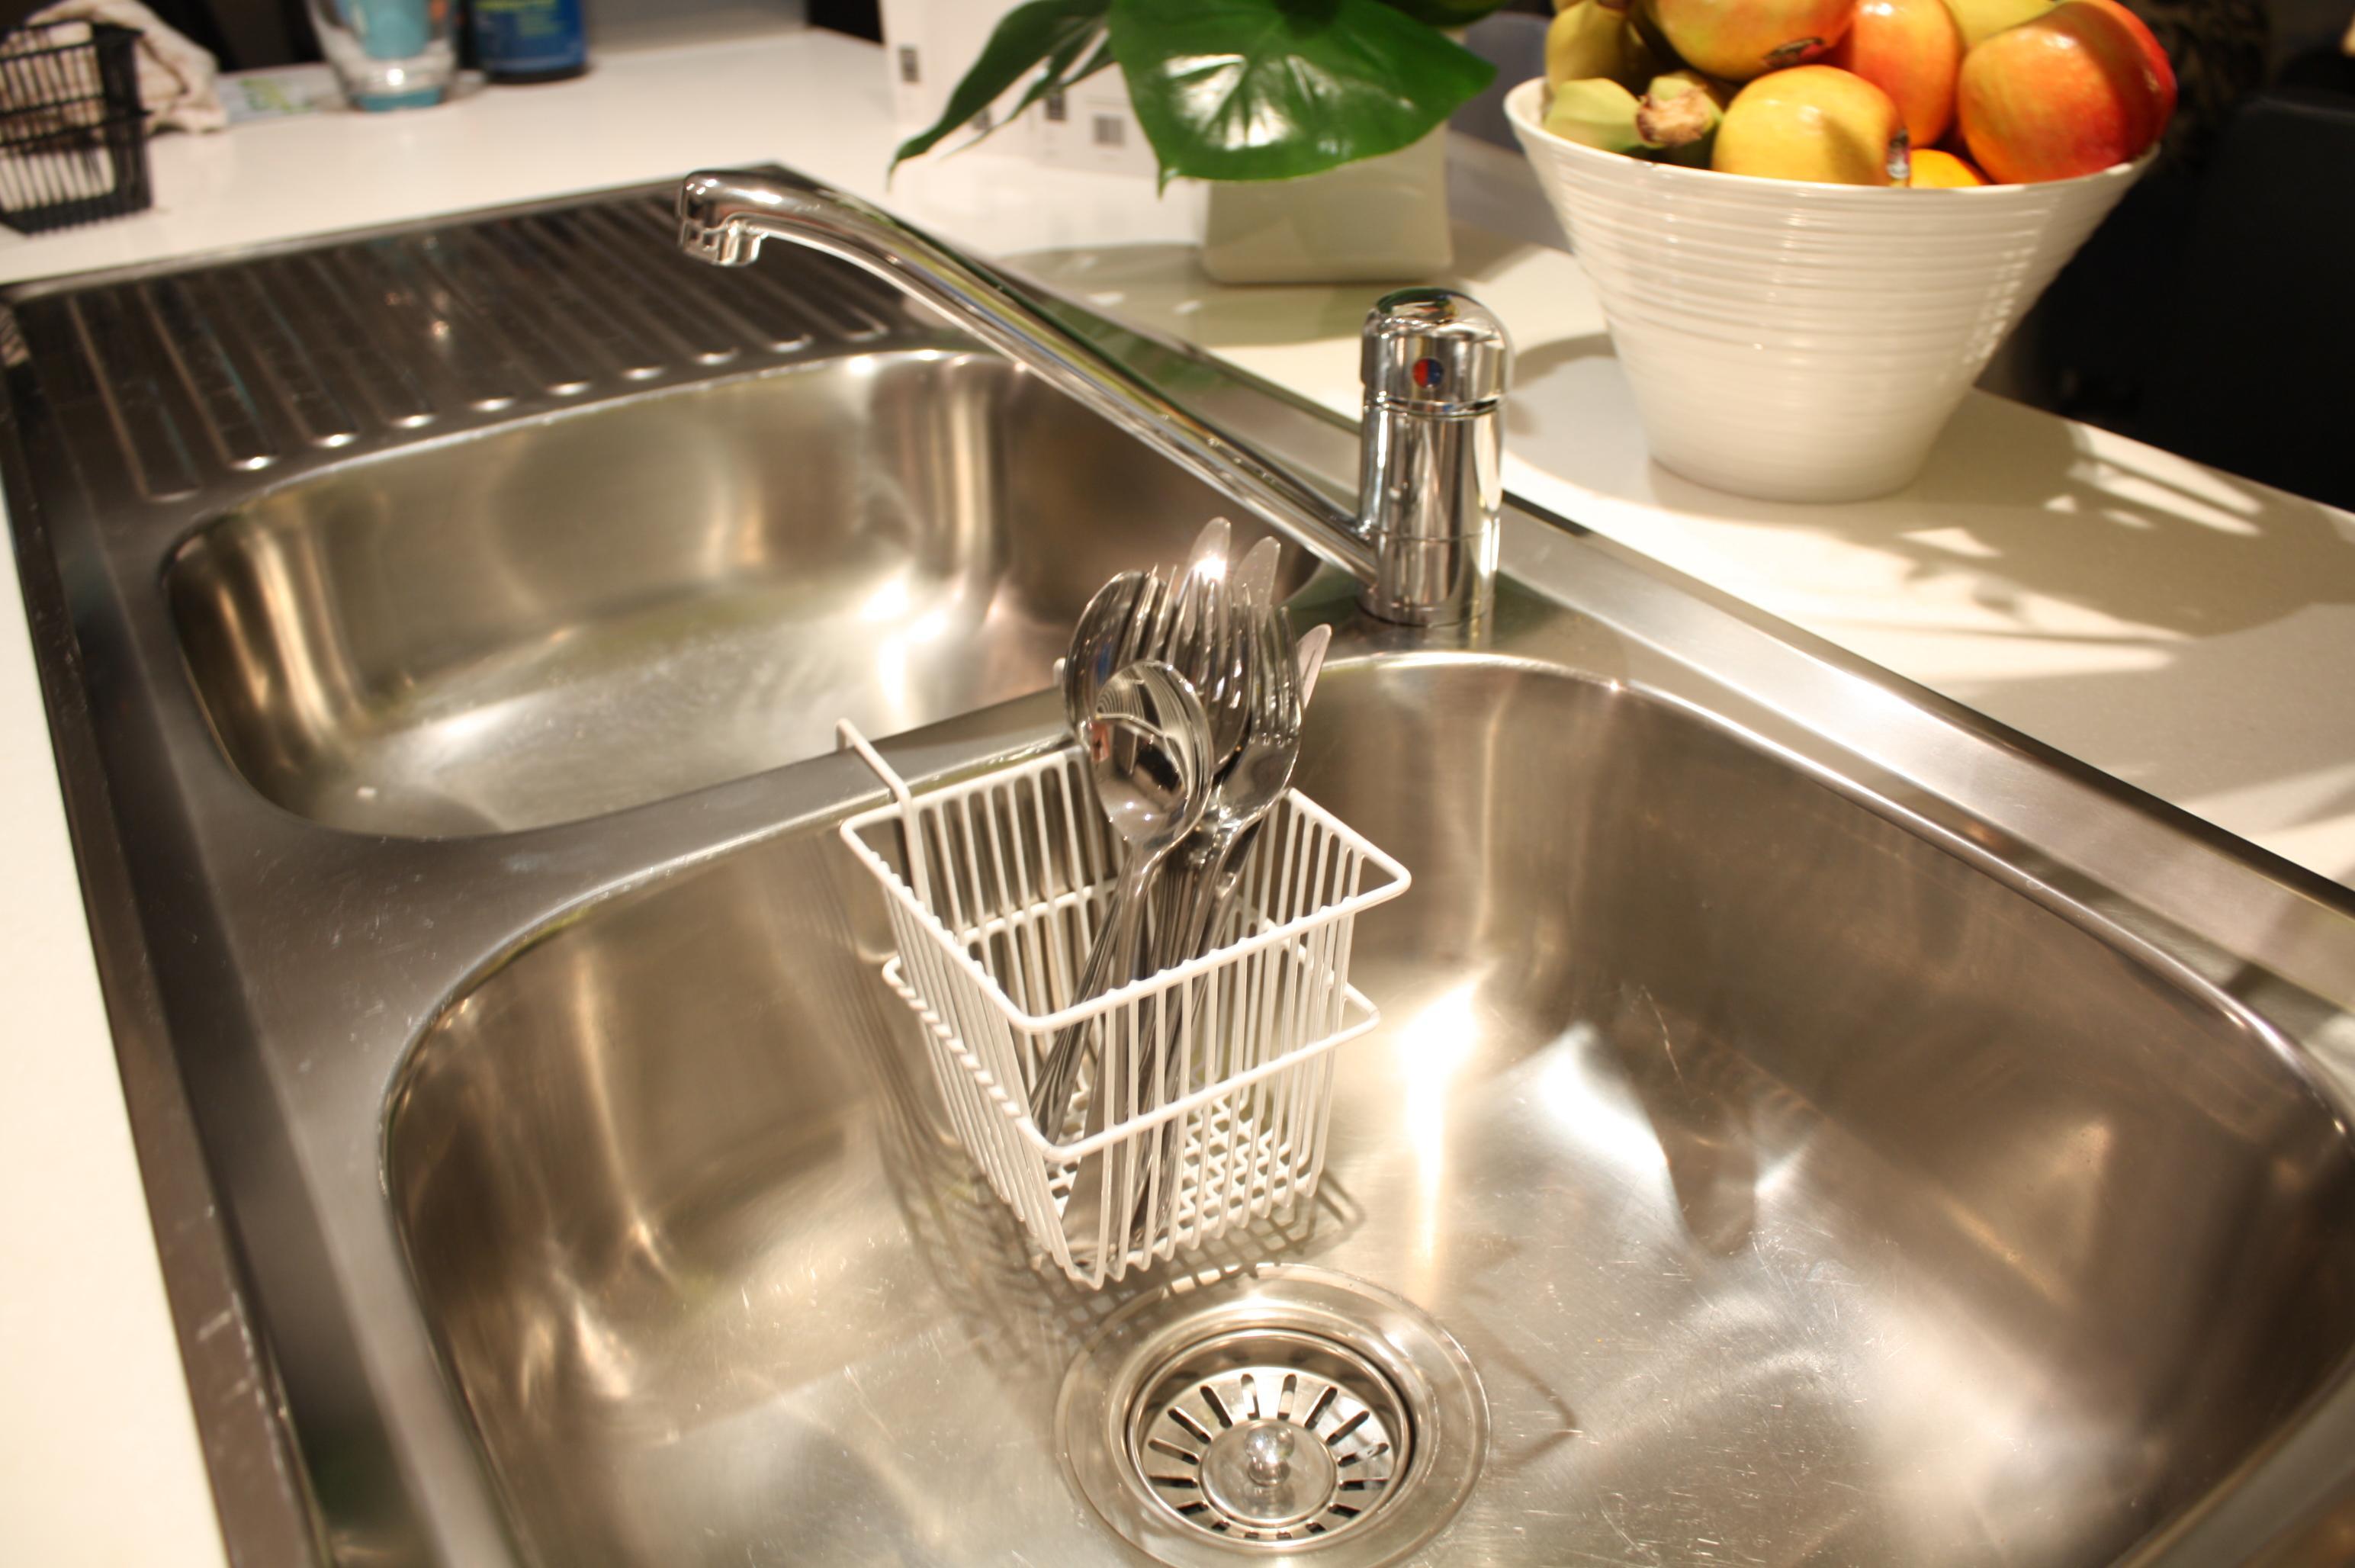 キッチンの排水溝掃除での厄介なつまり、どうしてますか?